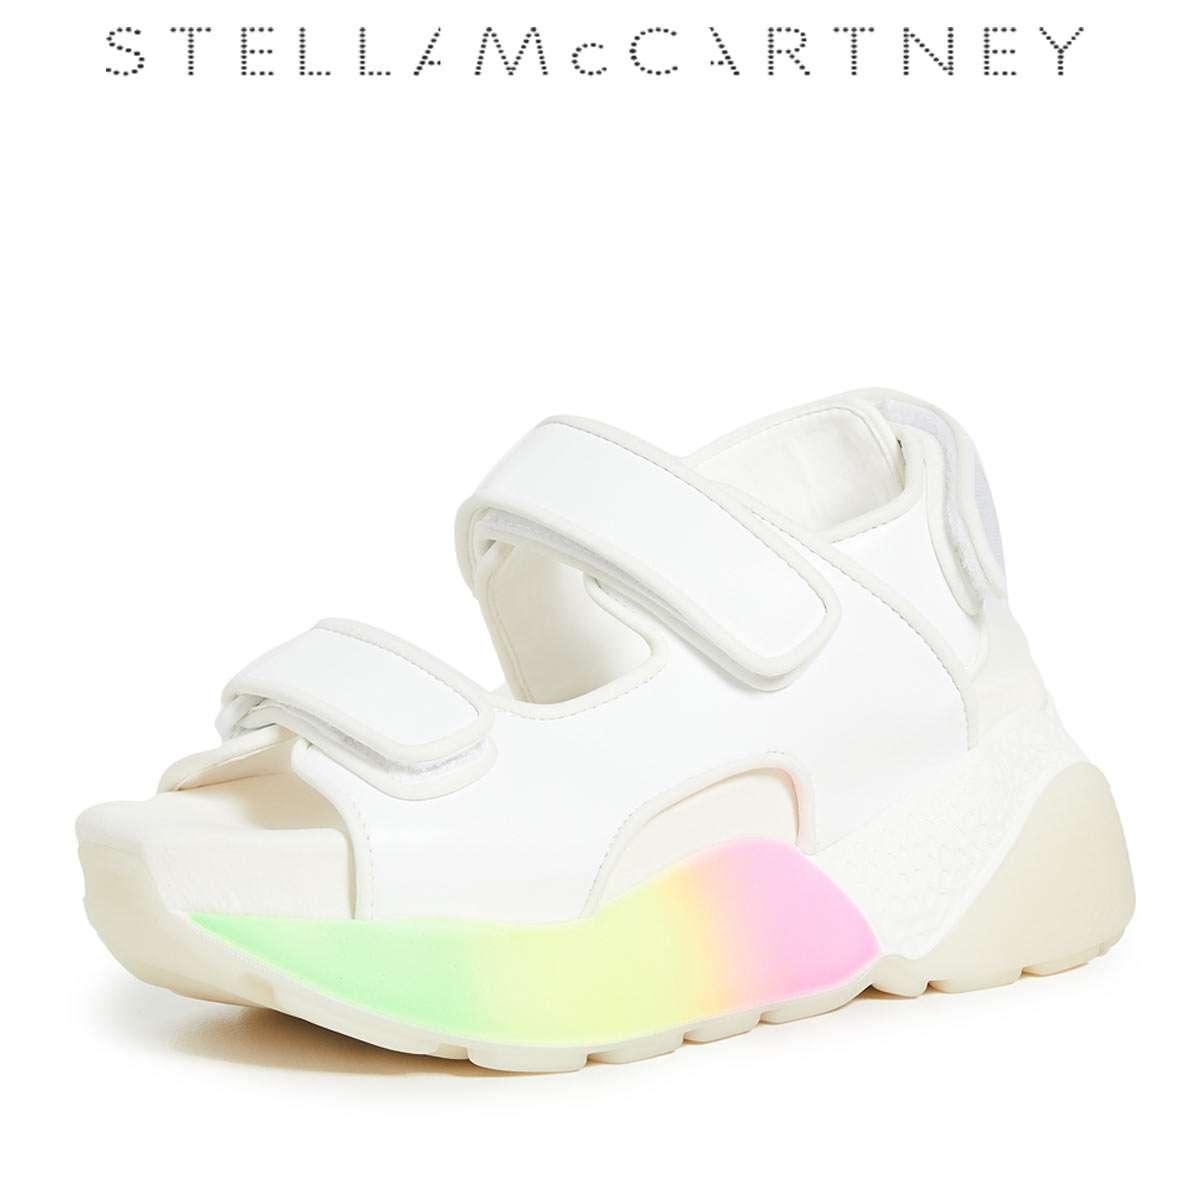 爆買い! ステラ マッカートニー サンダル レディース 厚底 ウェッジ ブランド Stella McCartney, spec union 587f75fb